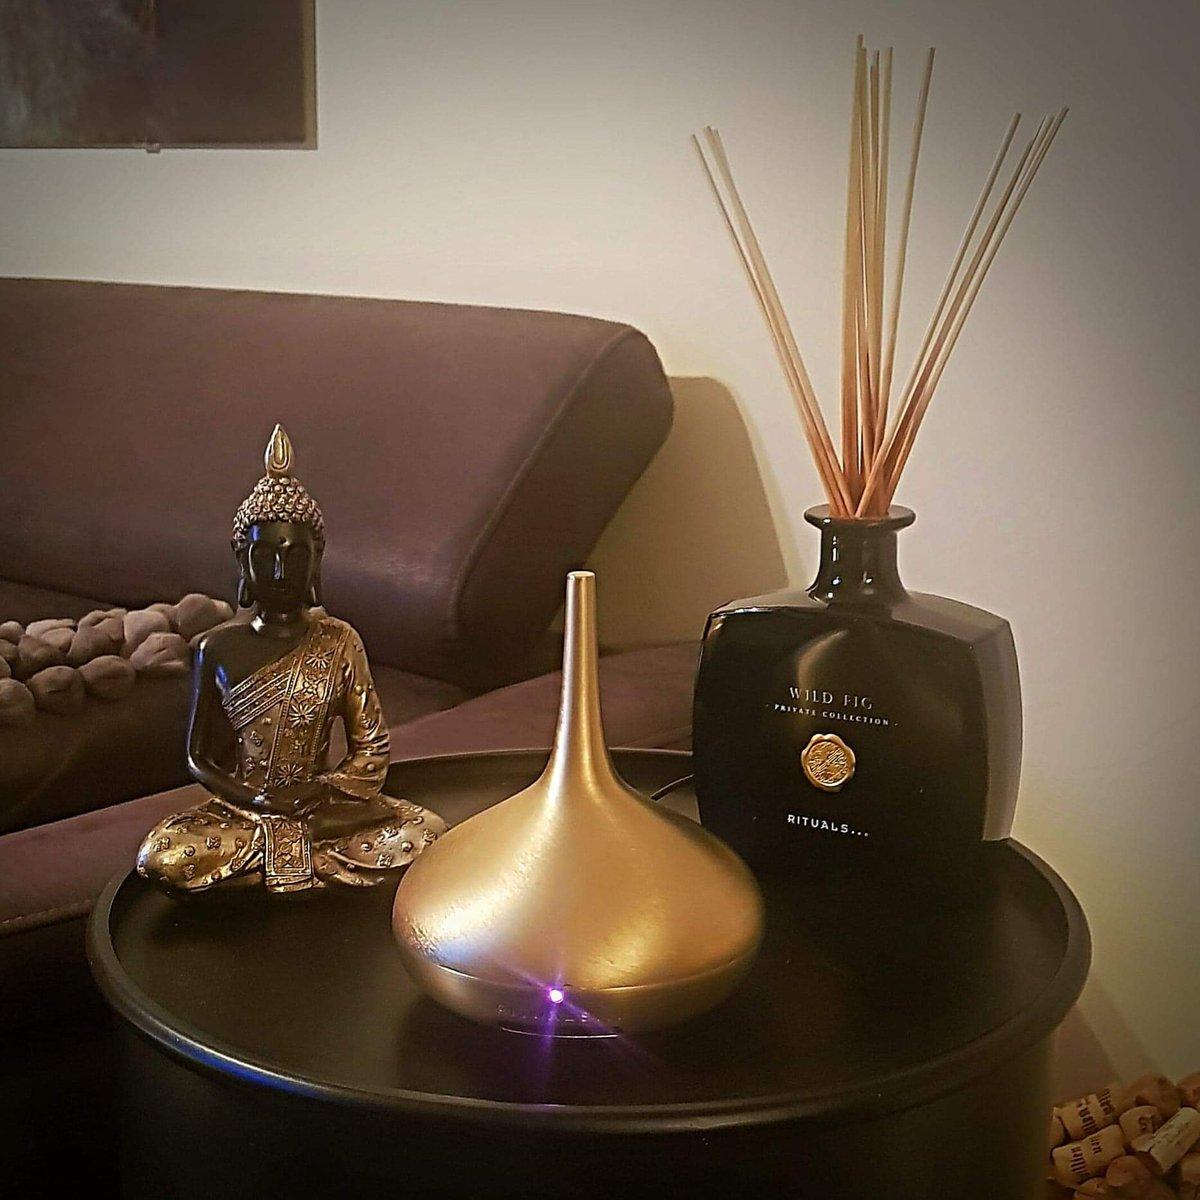 Rituals genie | RITUALS Parfum GENIE. 2020 01 26